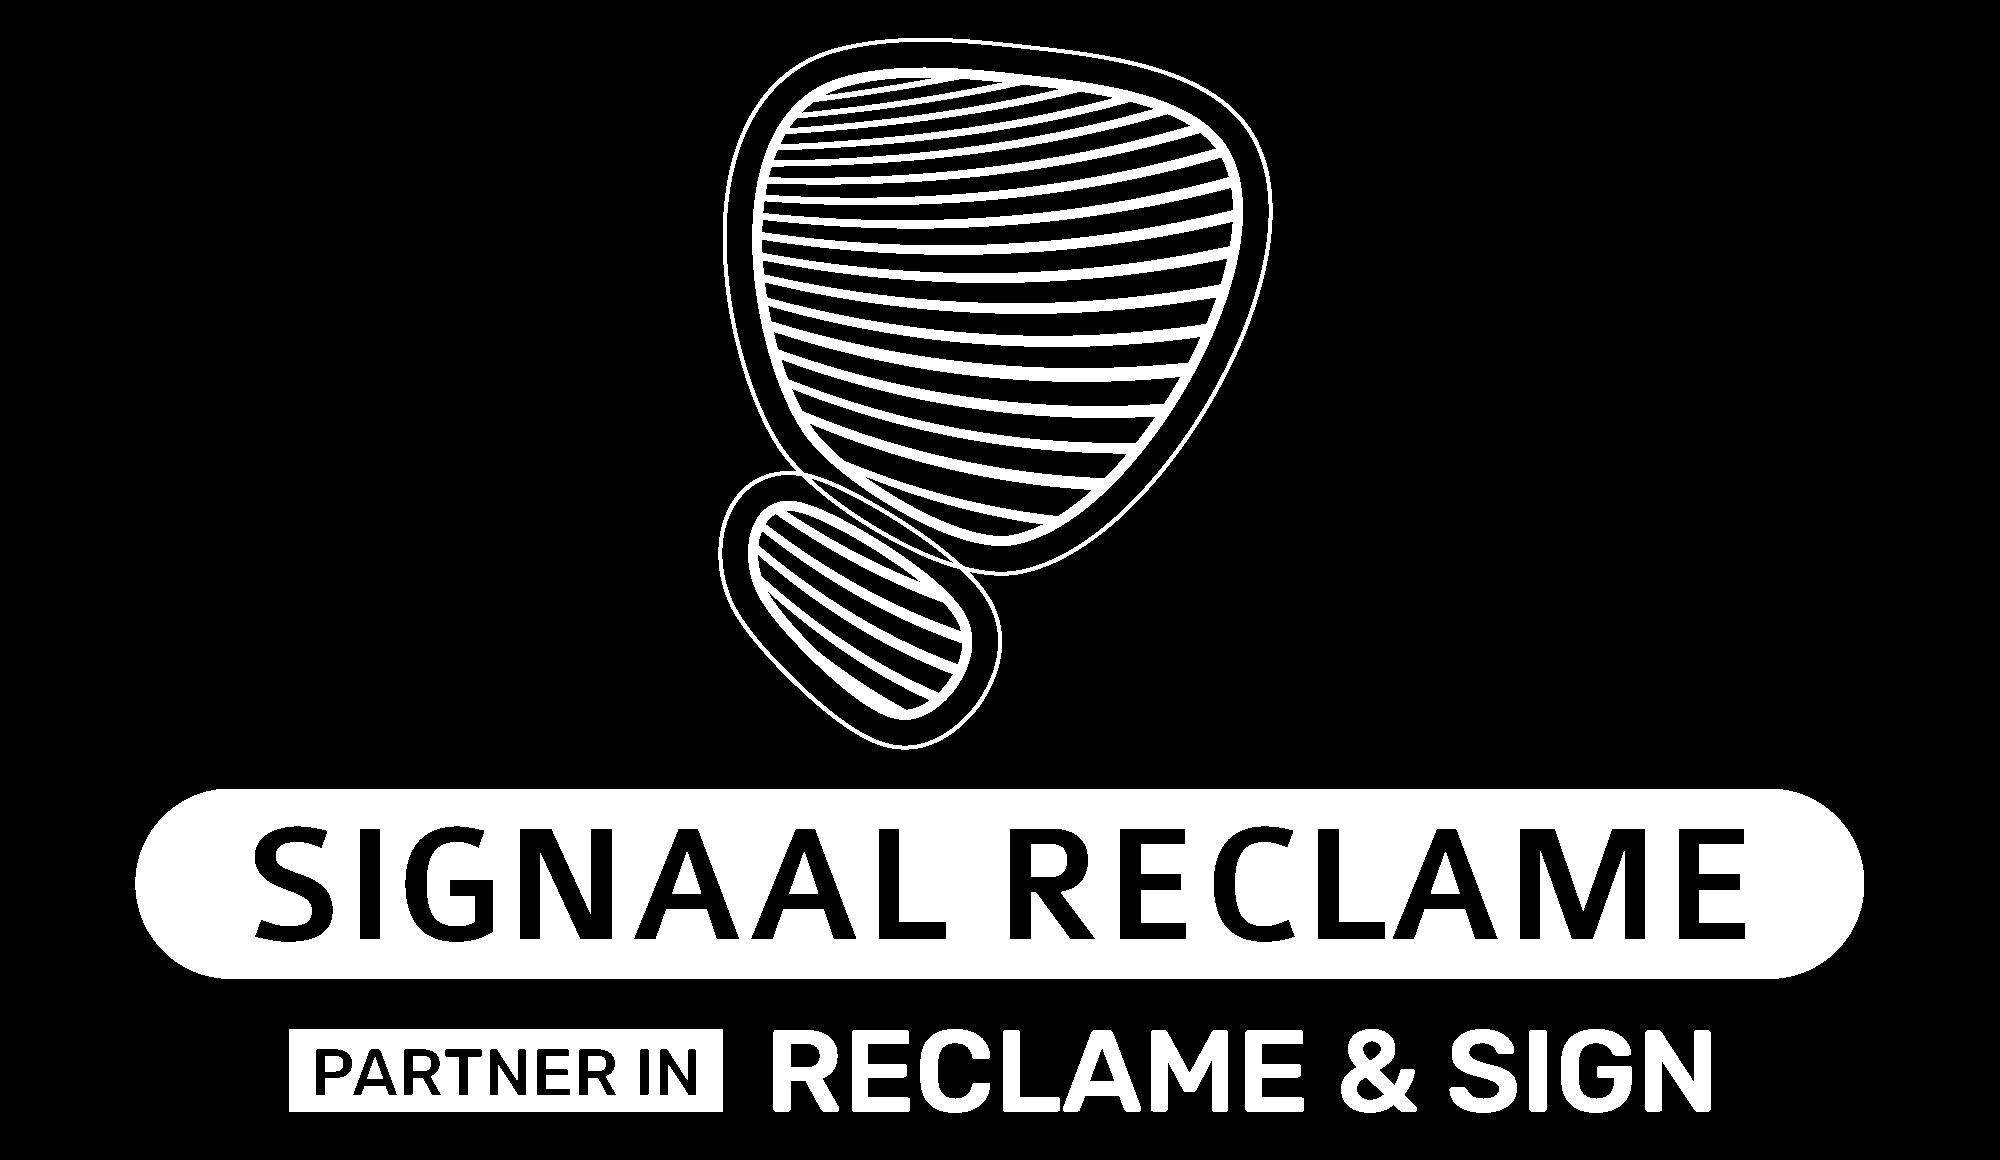 Signaal Reclame - Partner in Reclame en Sign